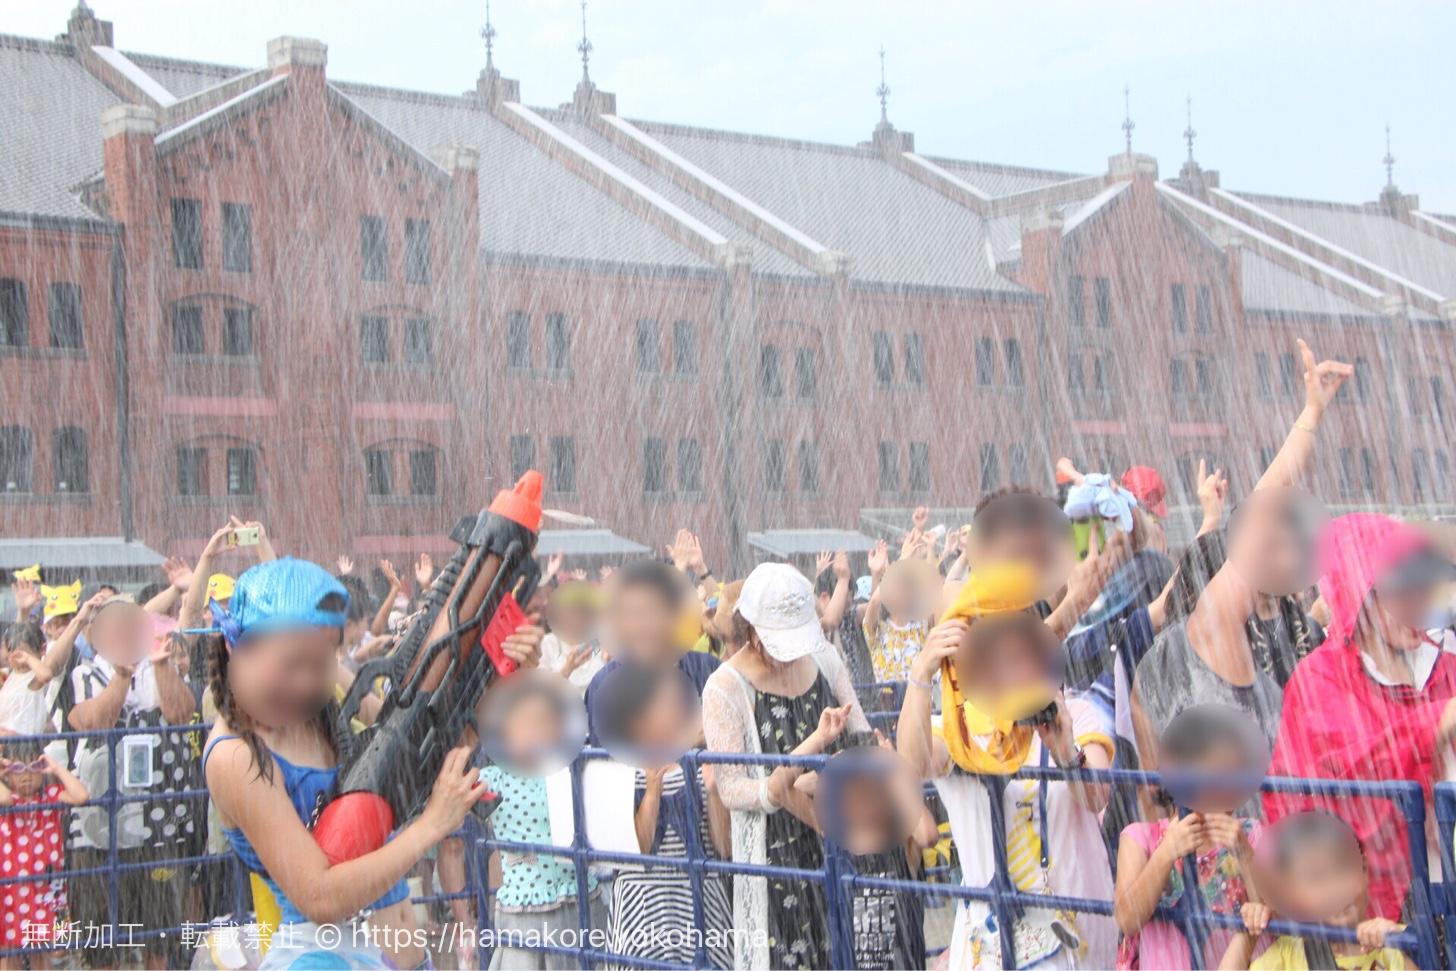 ずぶぬれスプラッシュショー「水のカーニバル」の様子